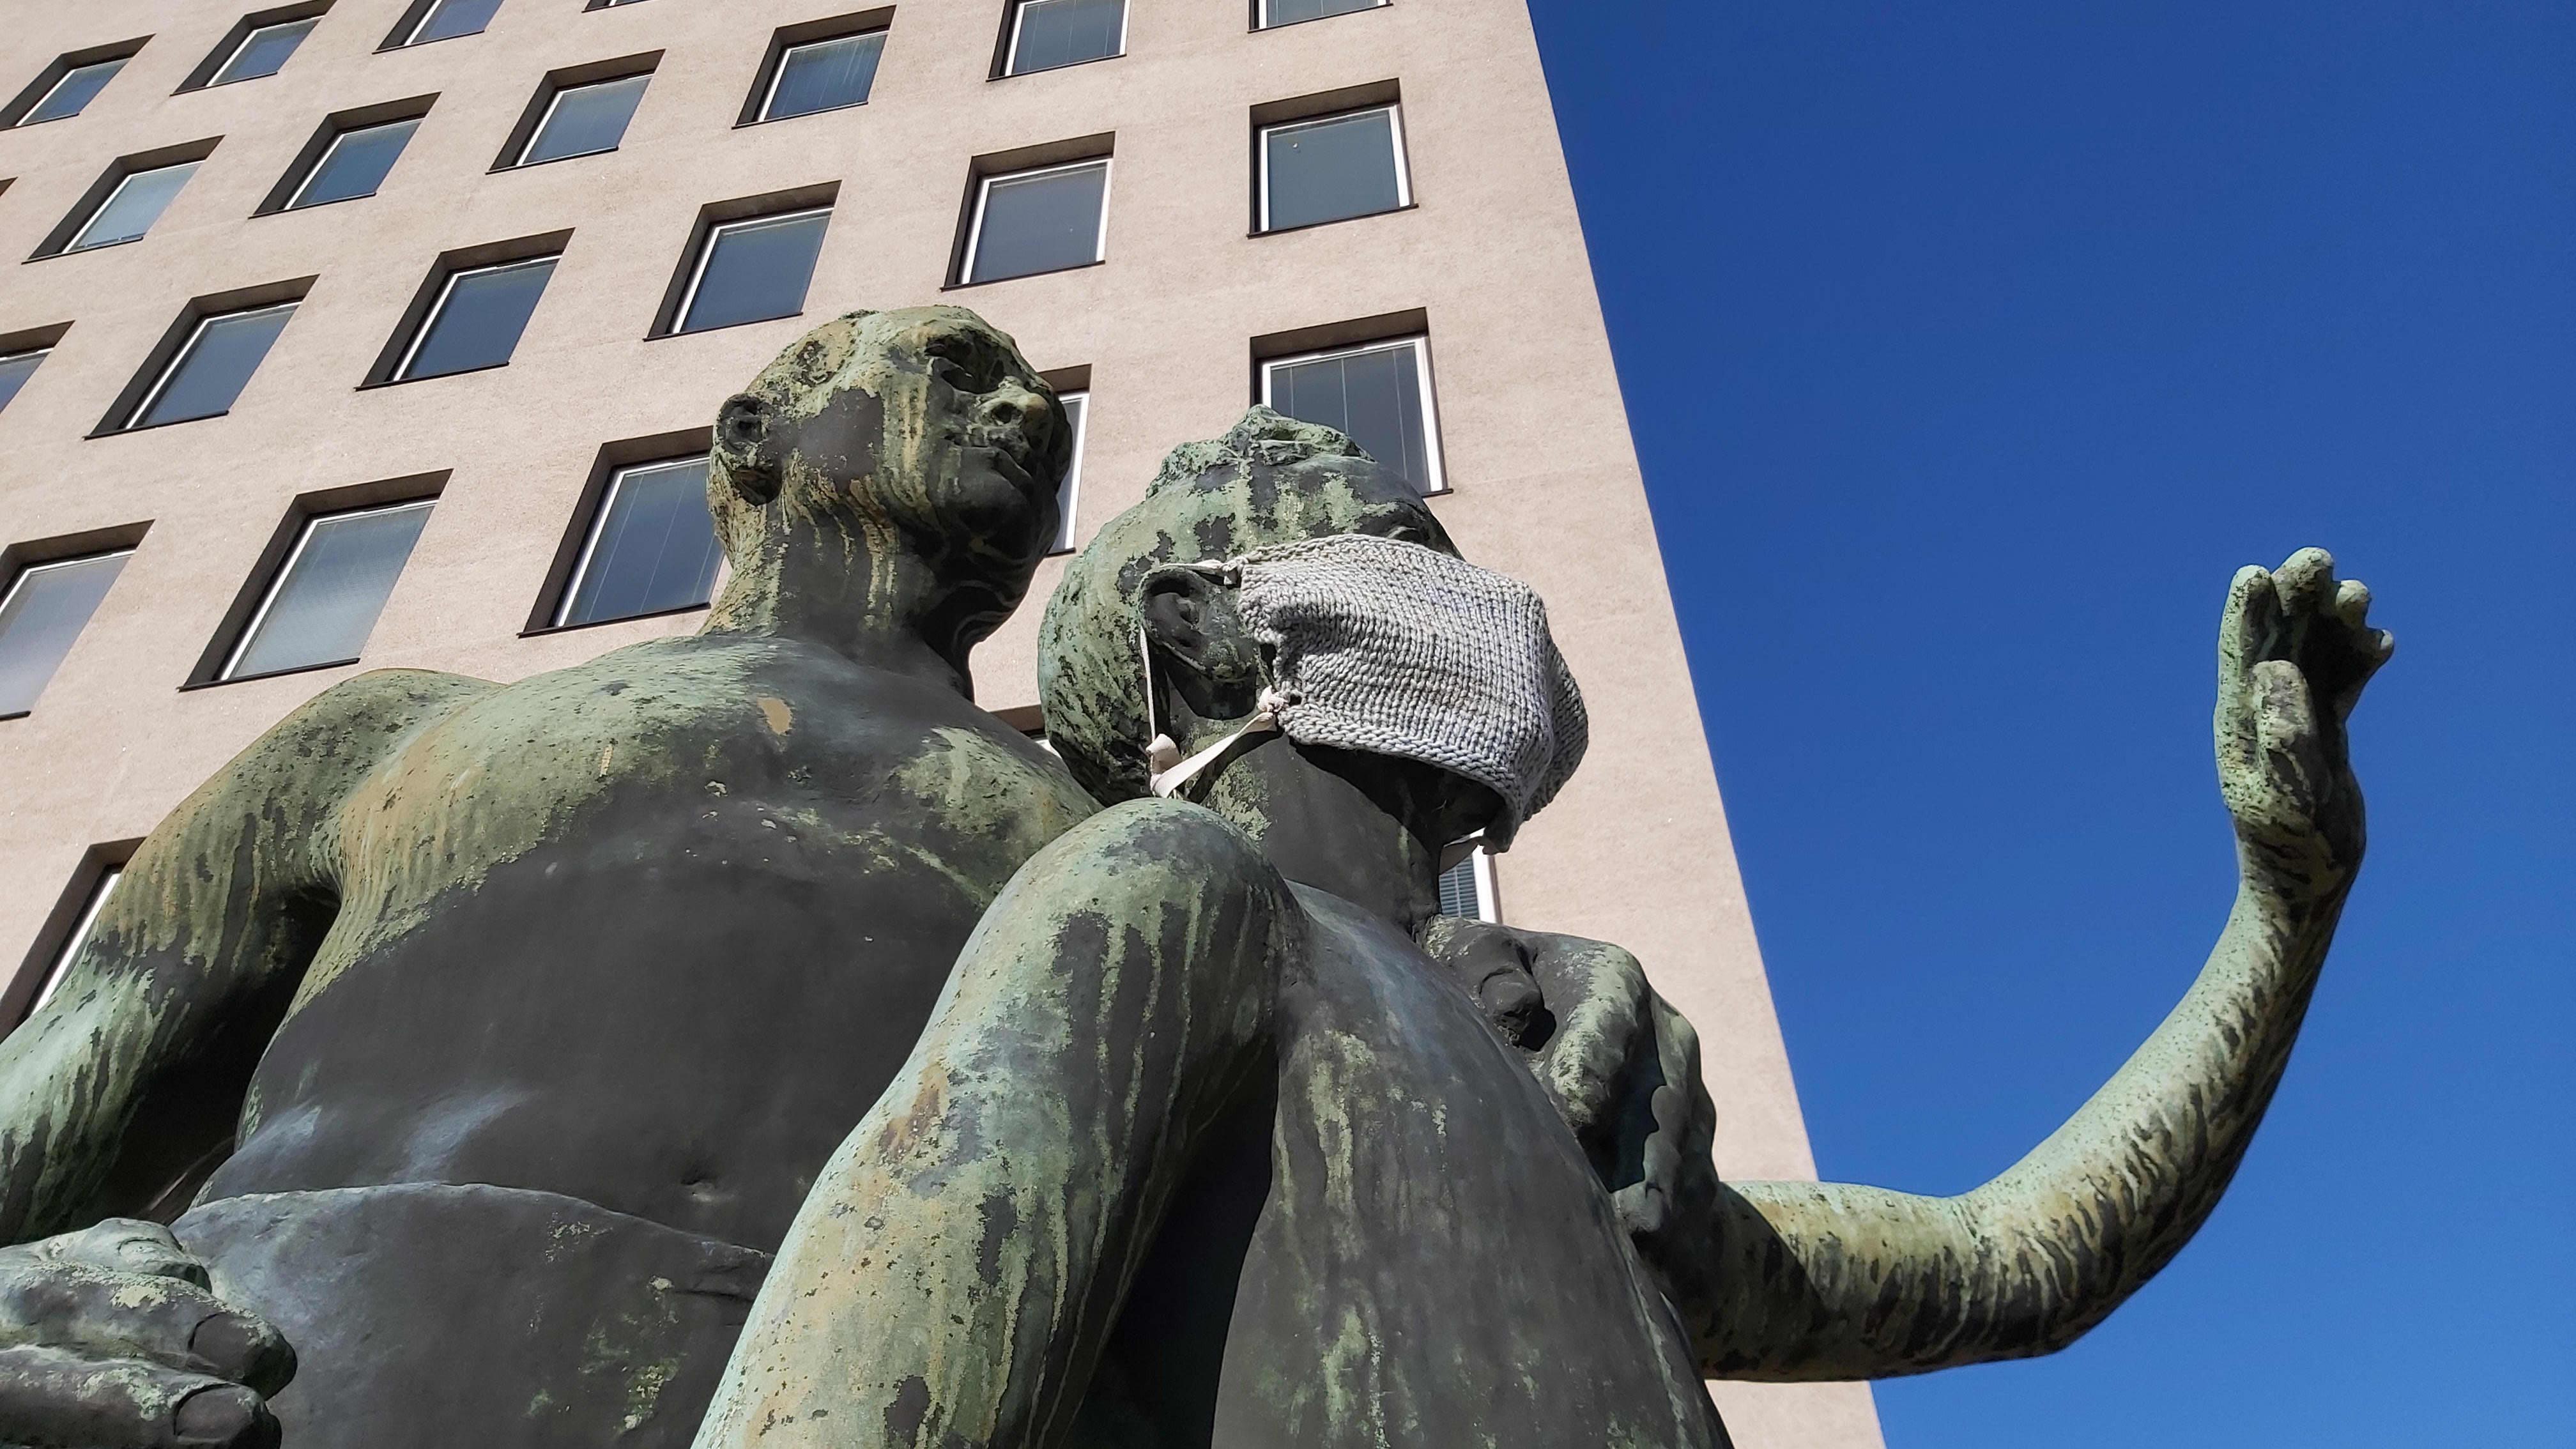 Kuva Kotkan kaupungintalolta patsaasta, jossa on mies ja lapsi. Lapsipatsaan kasvoilla on neulottu kasvomaski.